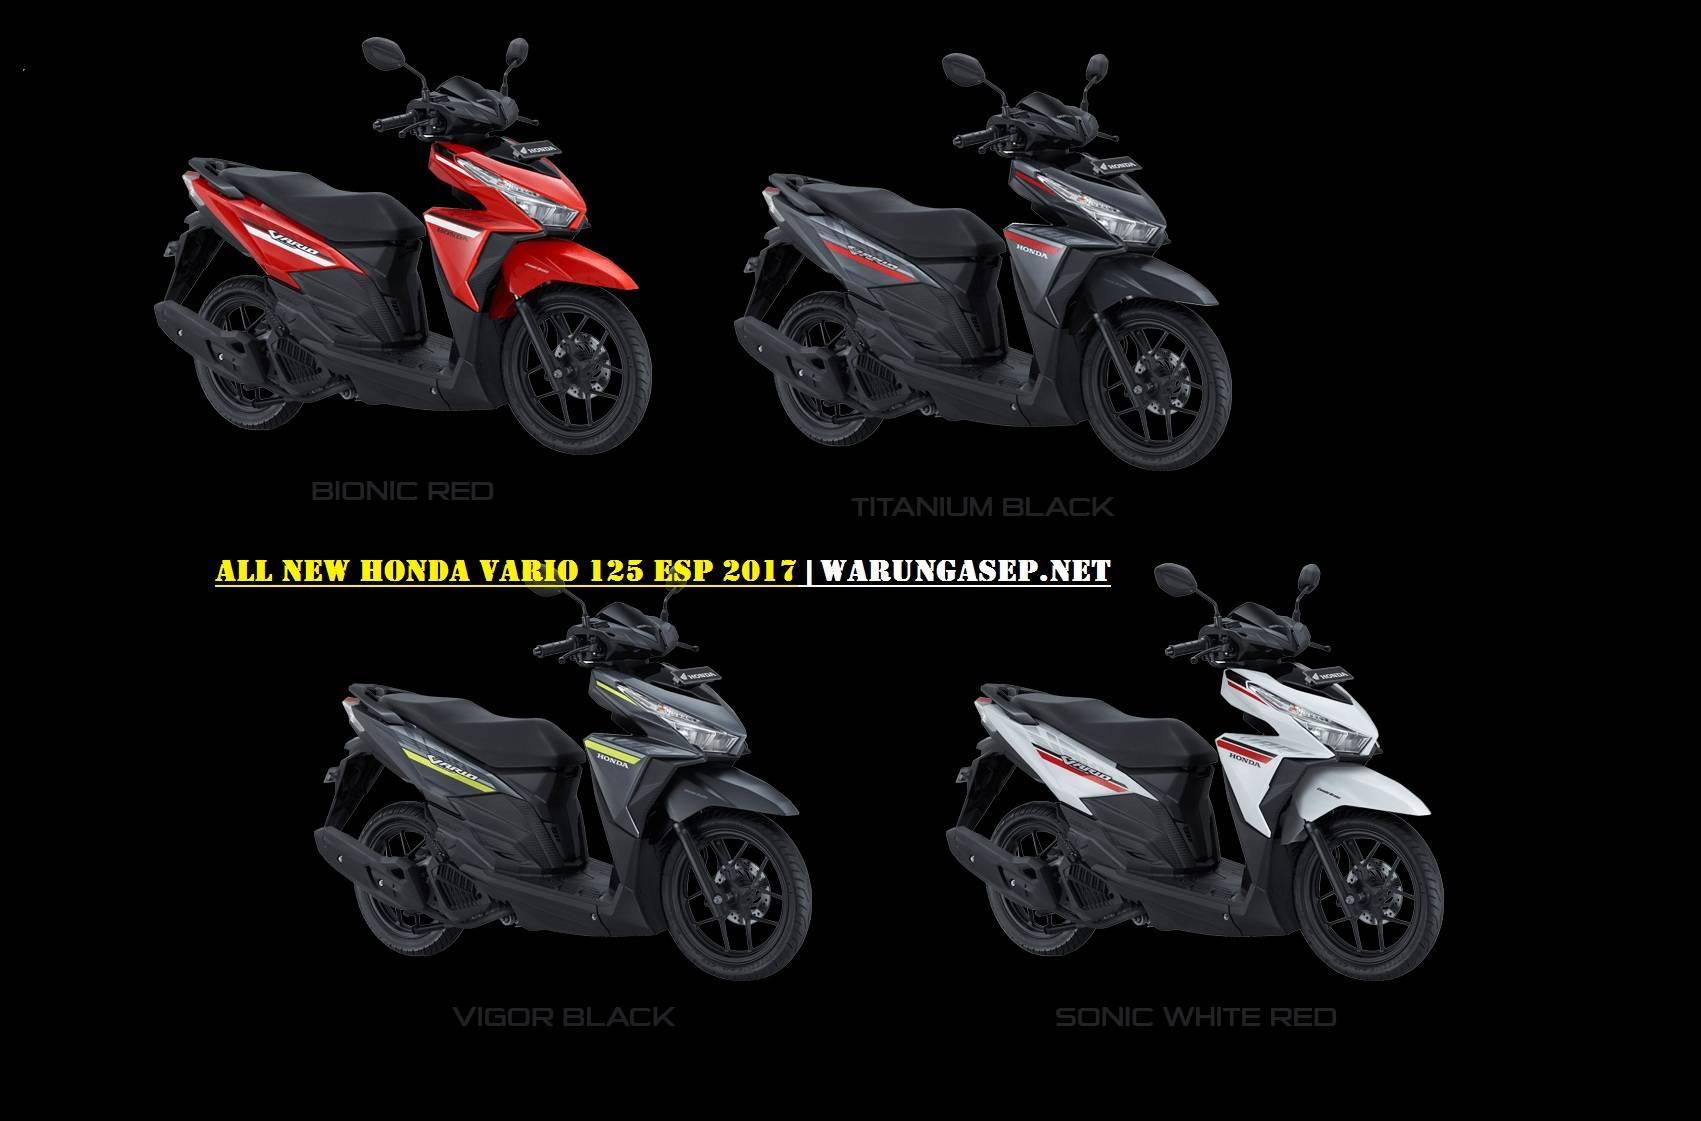 Foto 4 Warna Baru Honda Vario 125 2017 Striping Baru Versi Merah